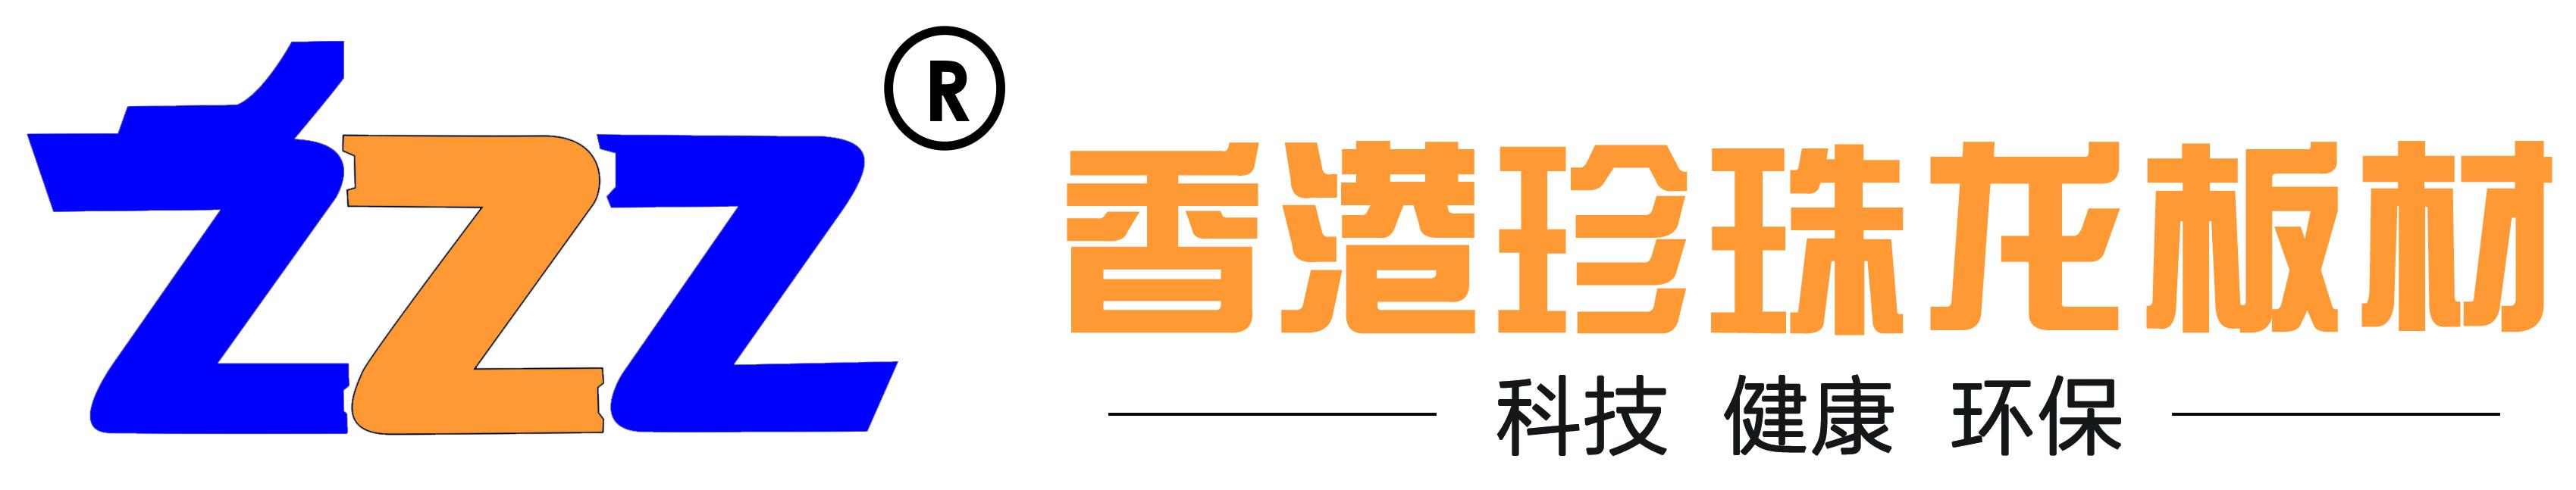 香港珍珠龙集团(中国)有限公司